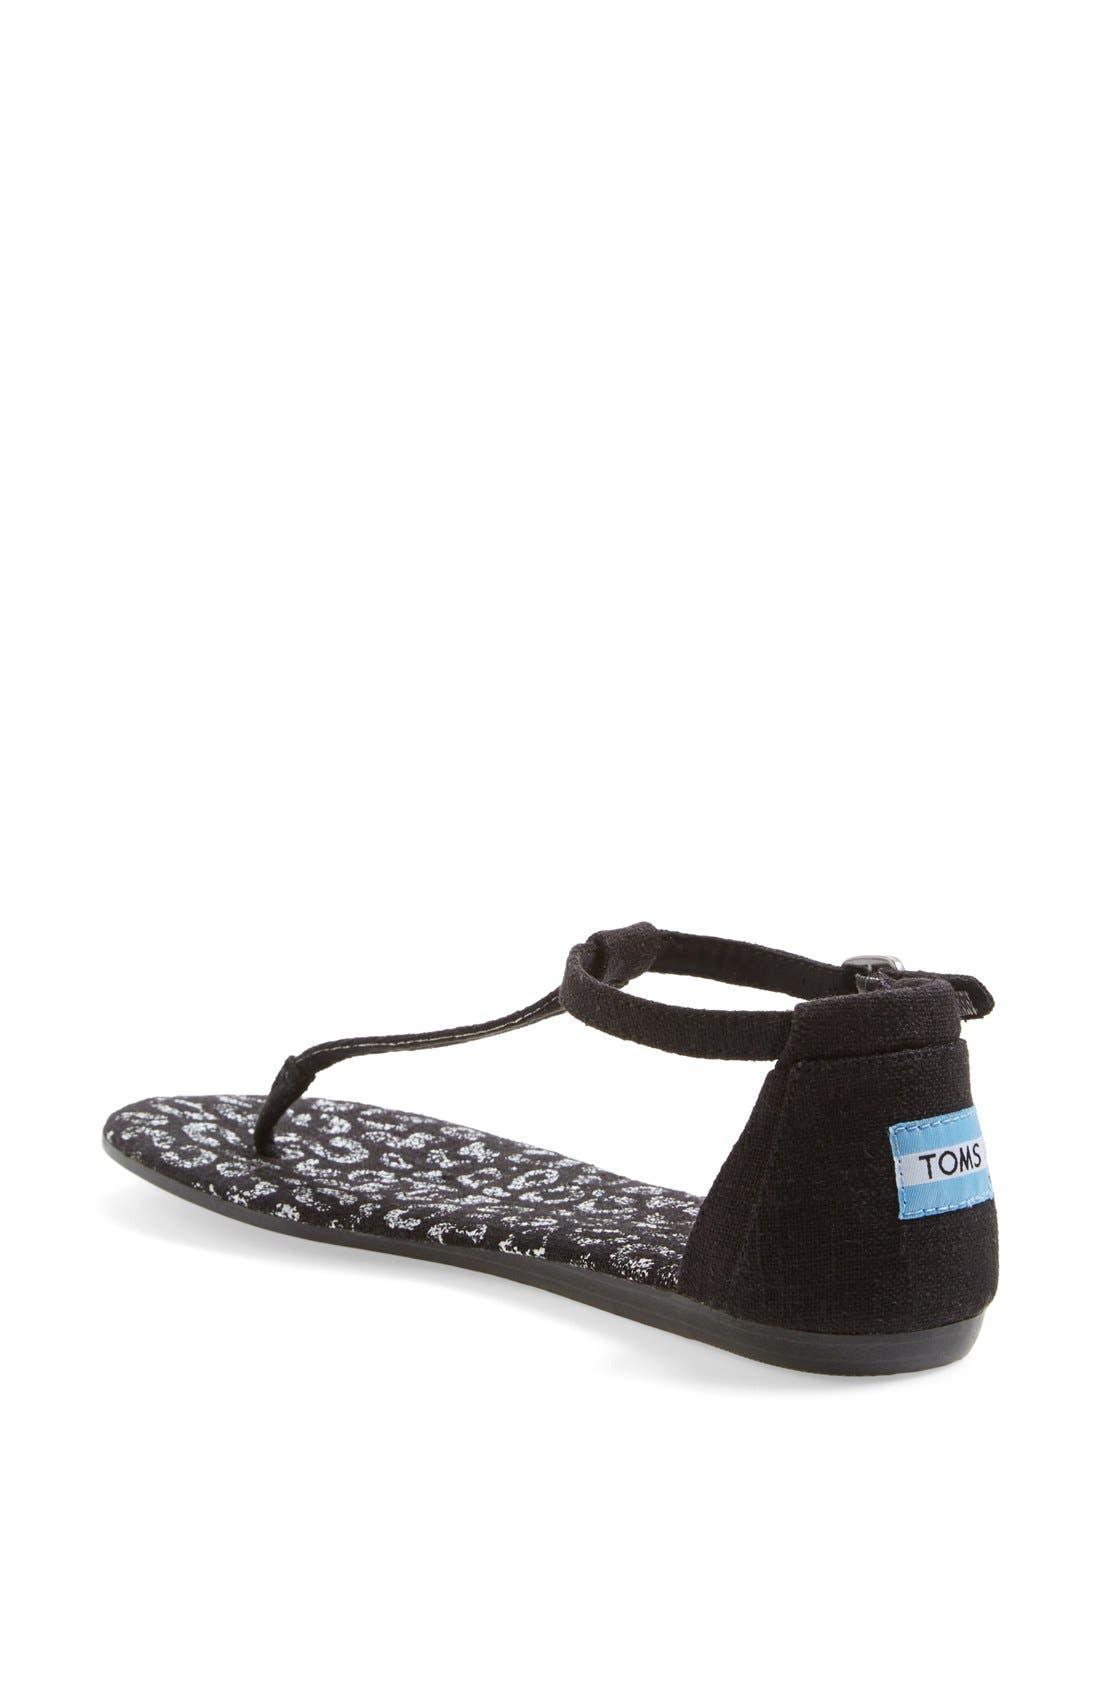 Alternate Image 2  - TOMS 'Playa' Thong Sandal (Women)